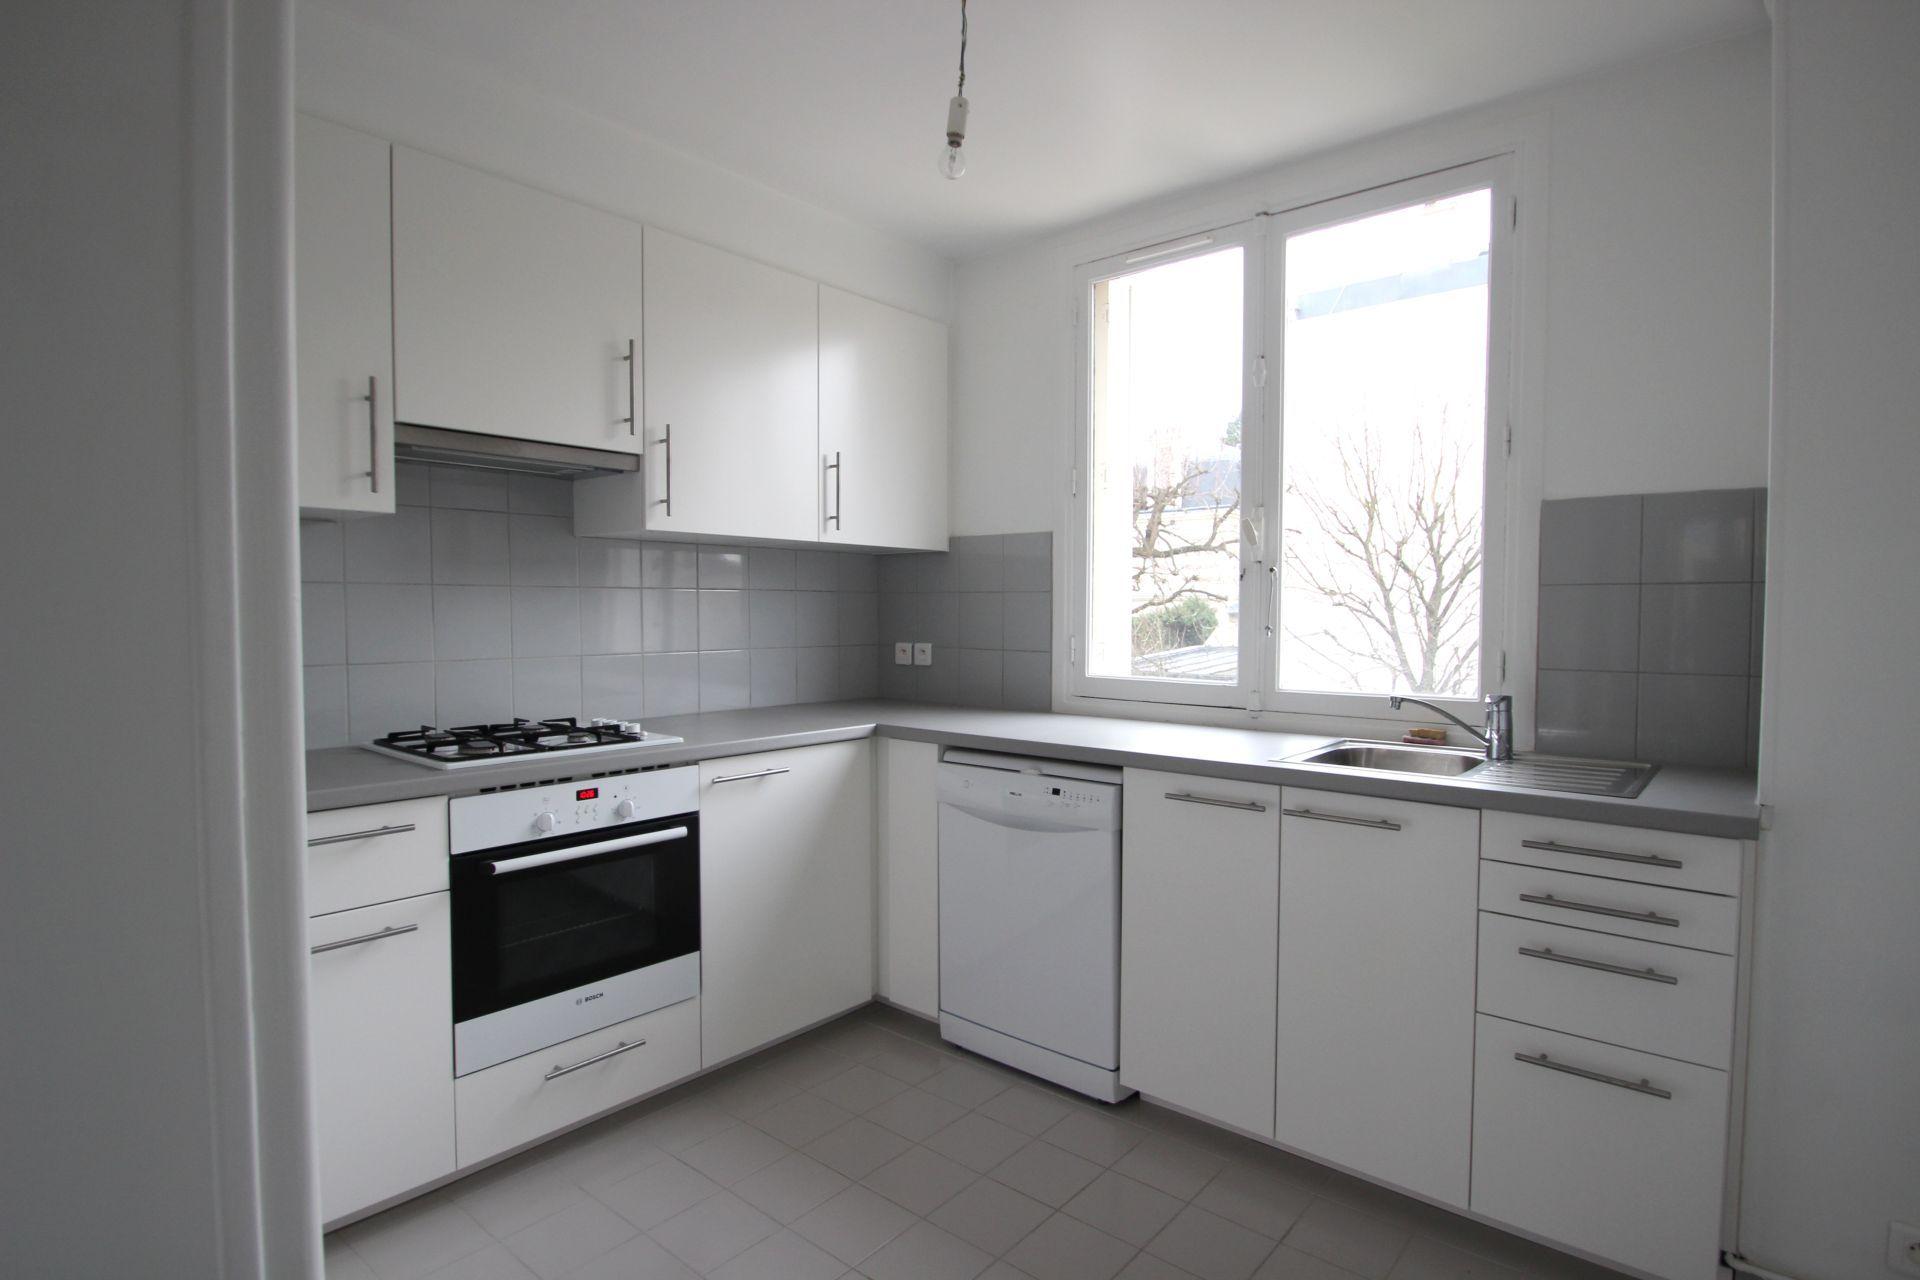 Mod le de cuisine quip e darty tout sur la cuisine et le mobilier cuisine - Modele cuisine darty ...